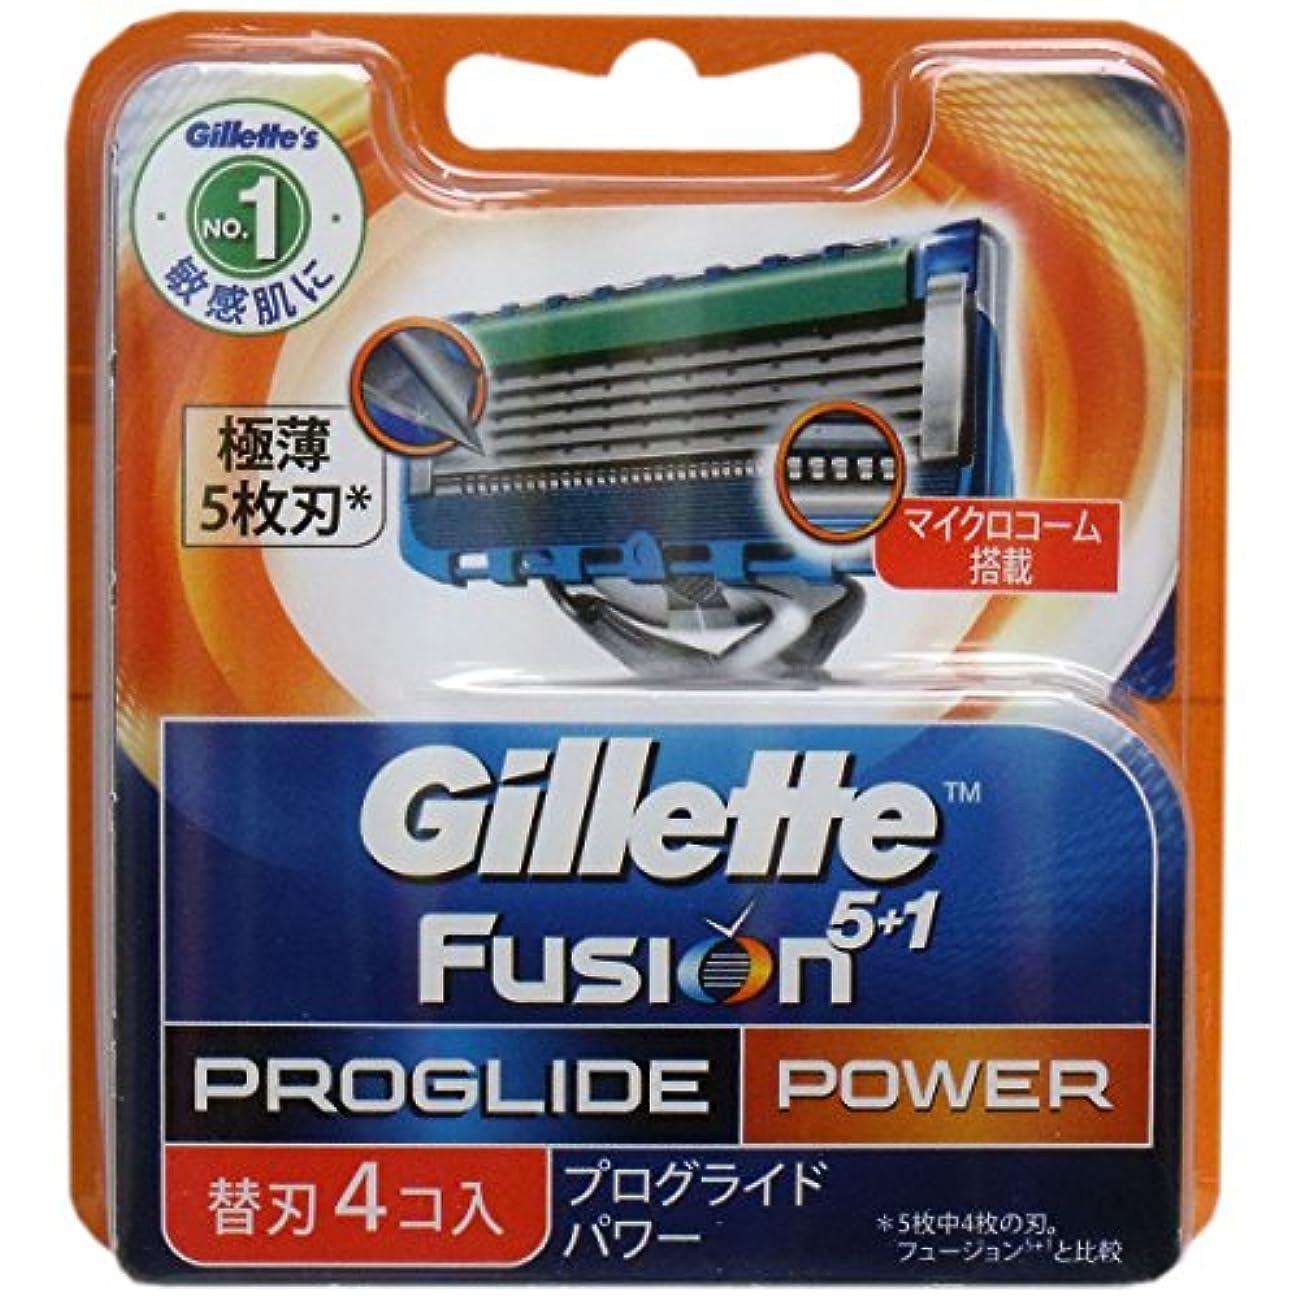 一般的に持続するクッションジレット フュージョン プログライド パワー 替刃 4個入(単品1個)